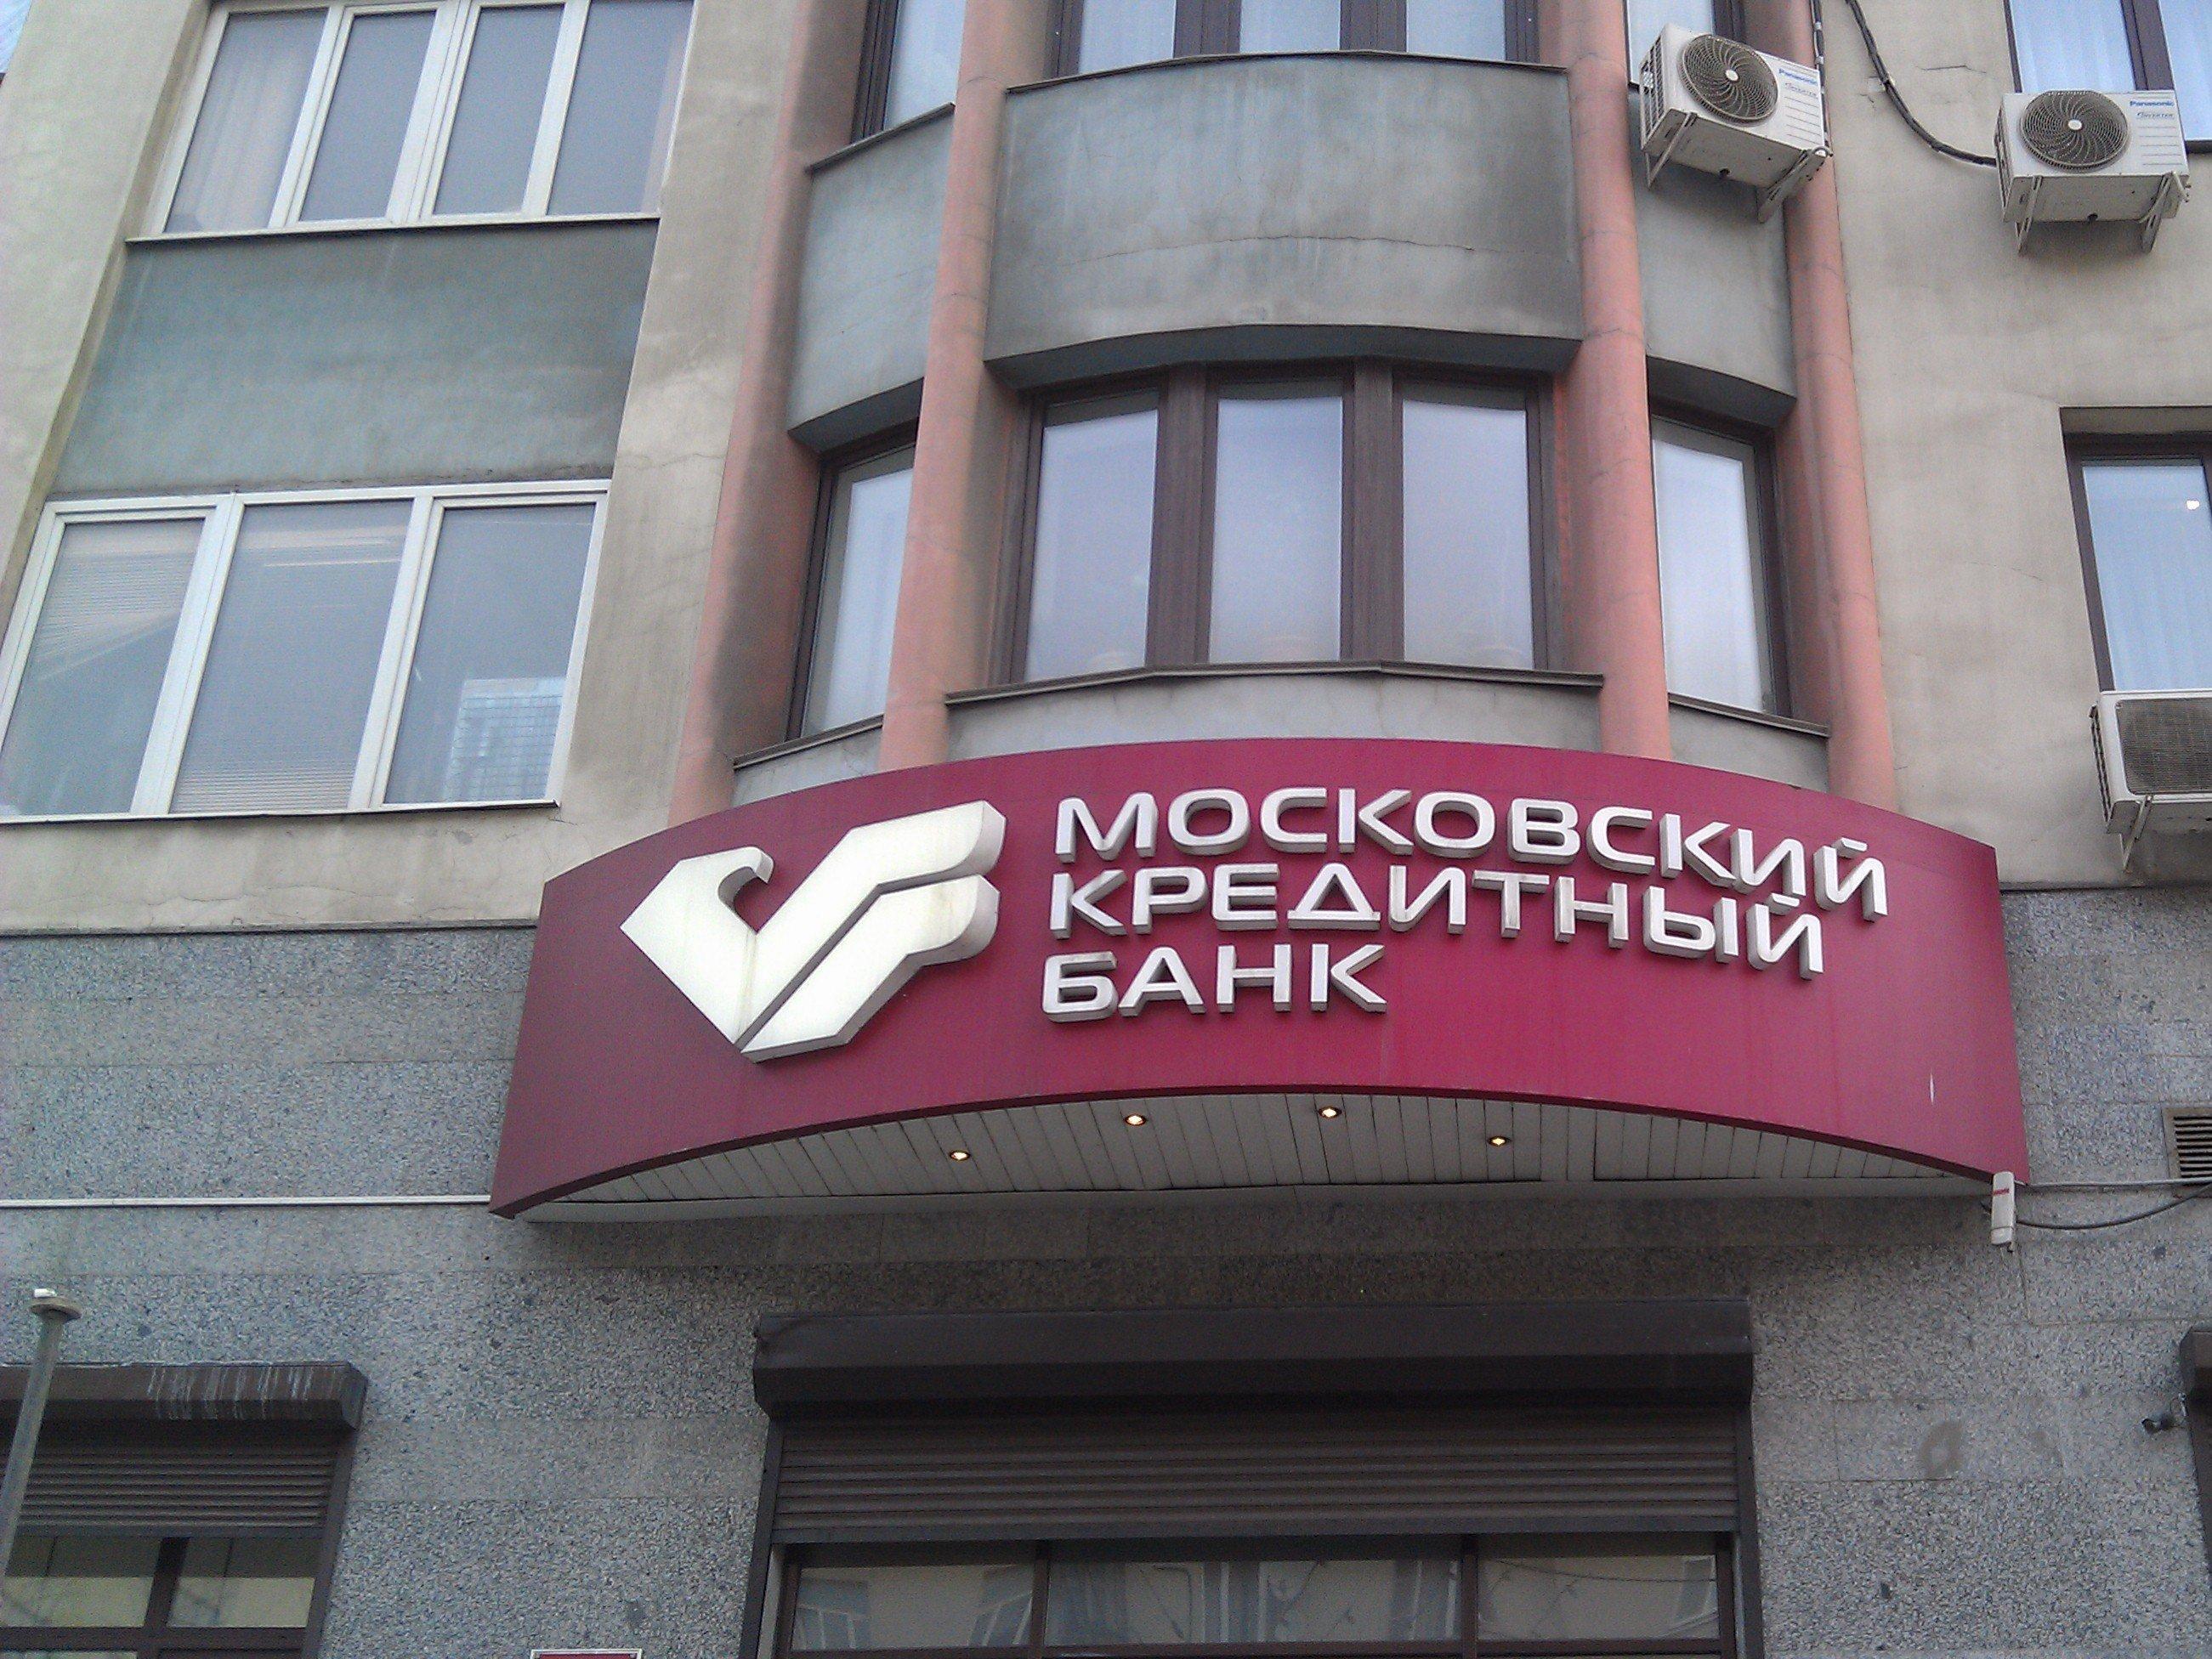 «Роснефть» защитит свои деньги вМосковском кредитном банке